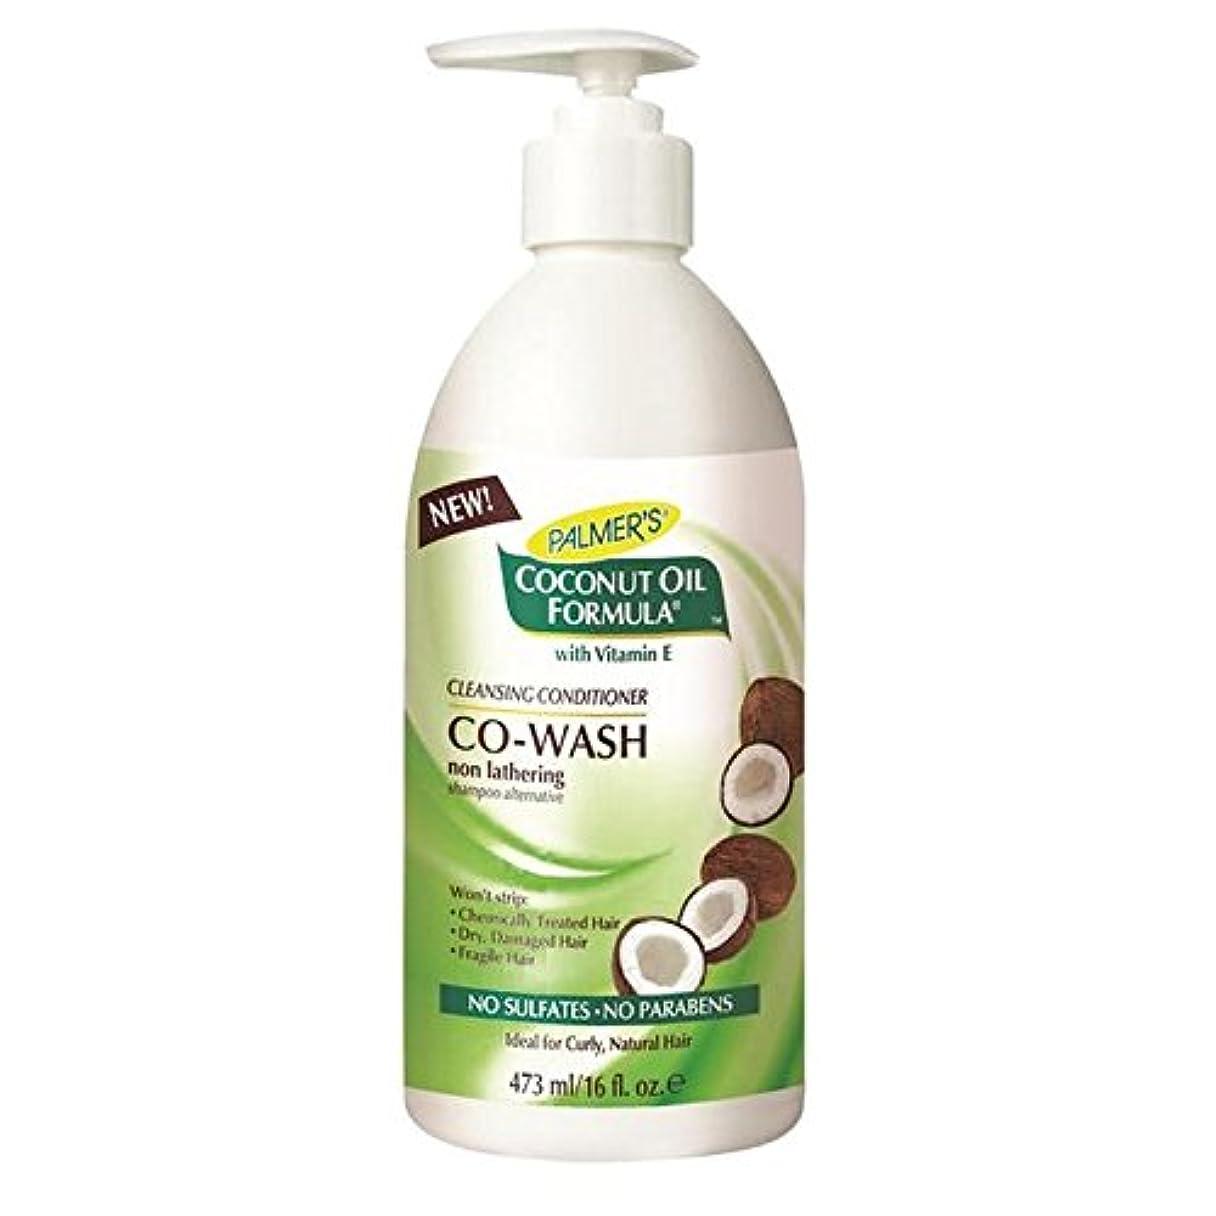 明らかに相互コンソールPalmer's Coconut Formula Co-Wash Cleansing Conditioner, Shampoo Alternative 473ml (Pack of 6) - パーマーのココナッツ式コウォッシュクレンジングコンディショナー...